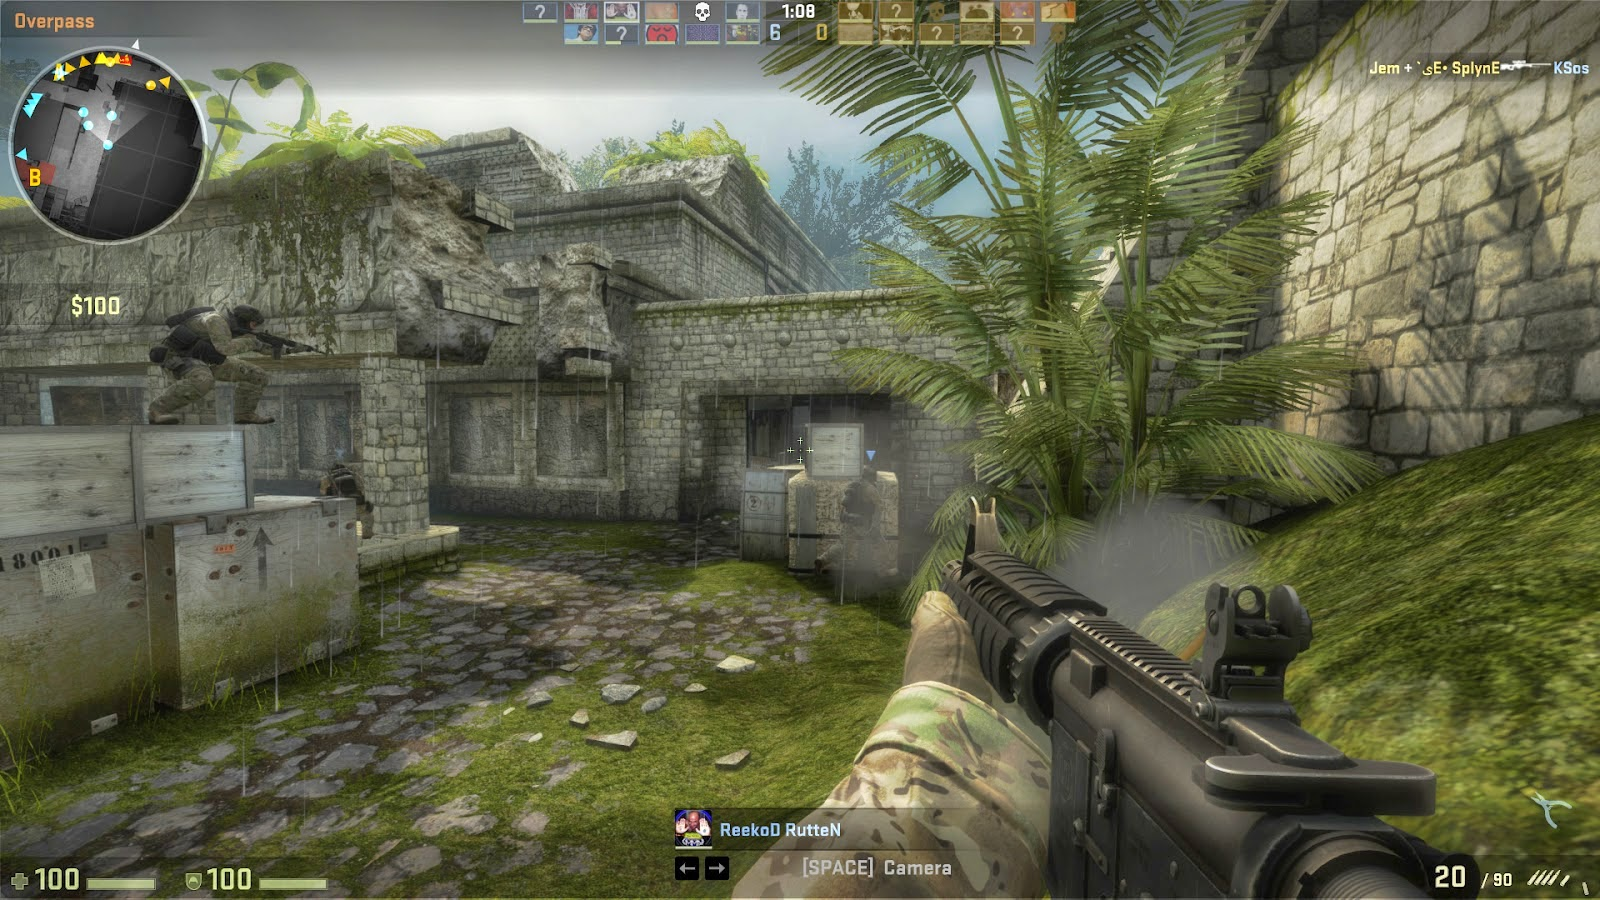 تحميل لعبة الأكشن و الإثارة Counter-Strike Global Offensive Csgo-2